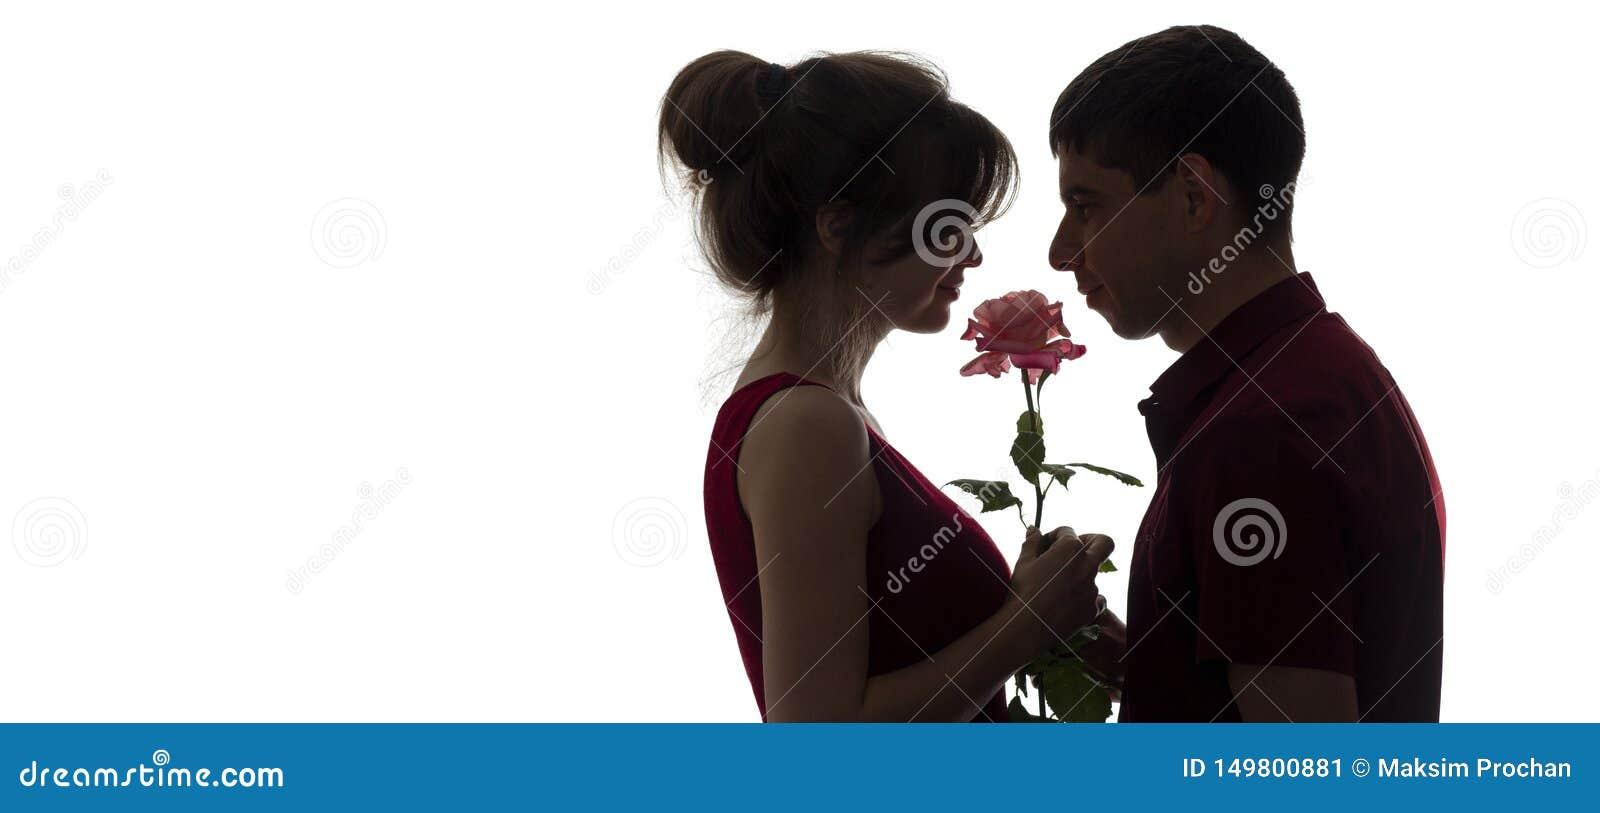 Profil De Silhouette D Un Jeune Couple Dans L Amour Sur Le Fond D